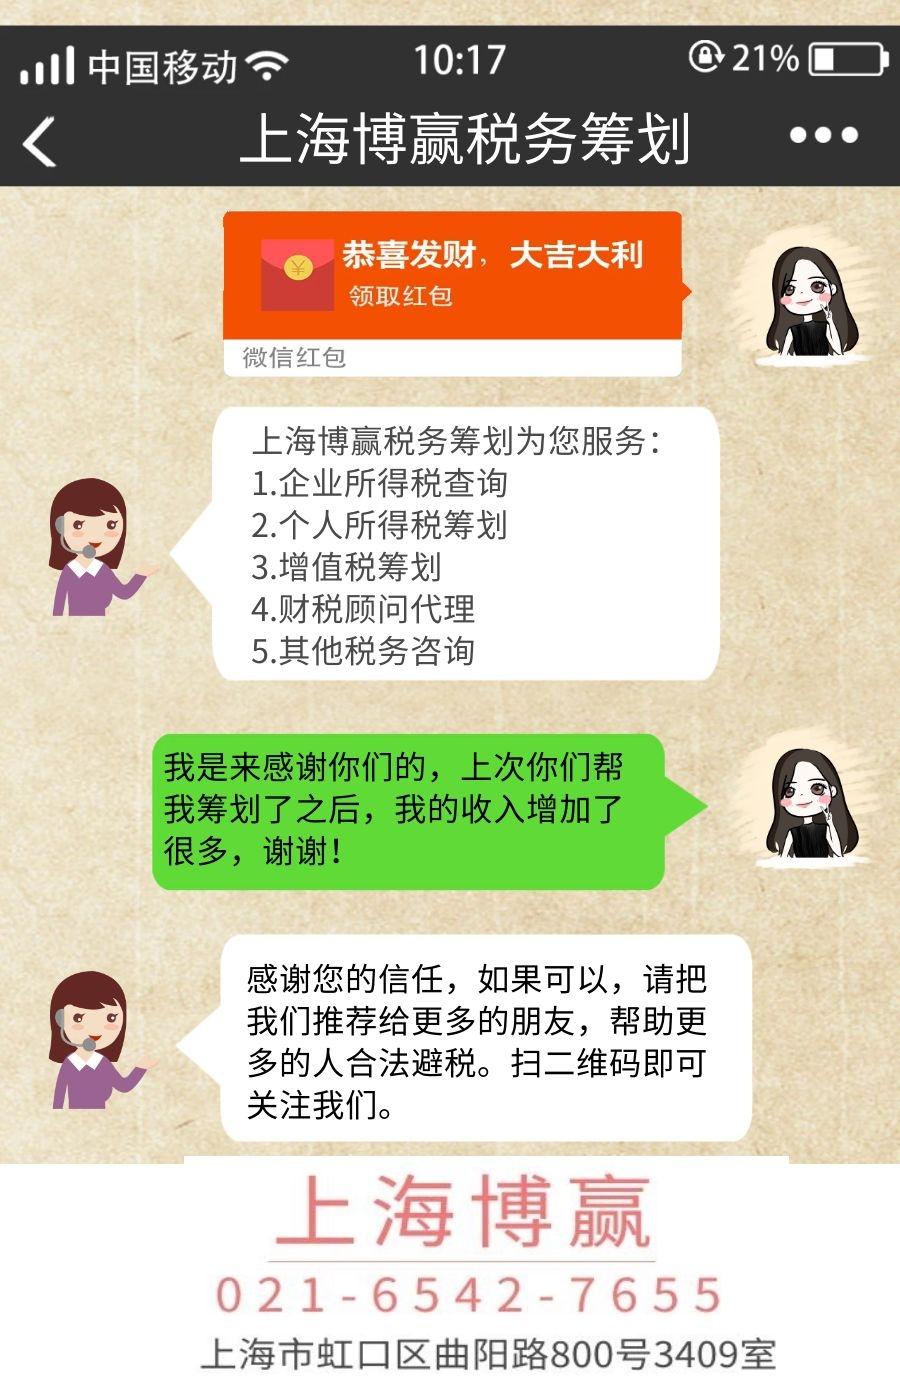 增值税税务筹划方法_专业商务服务相关-上海博赢企业管理合伙企业(有限合伙)